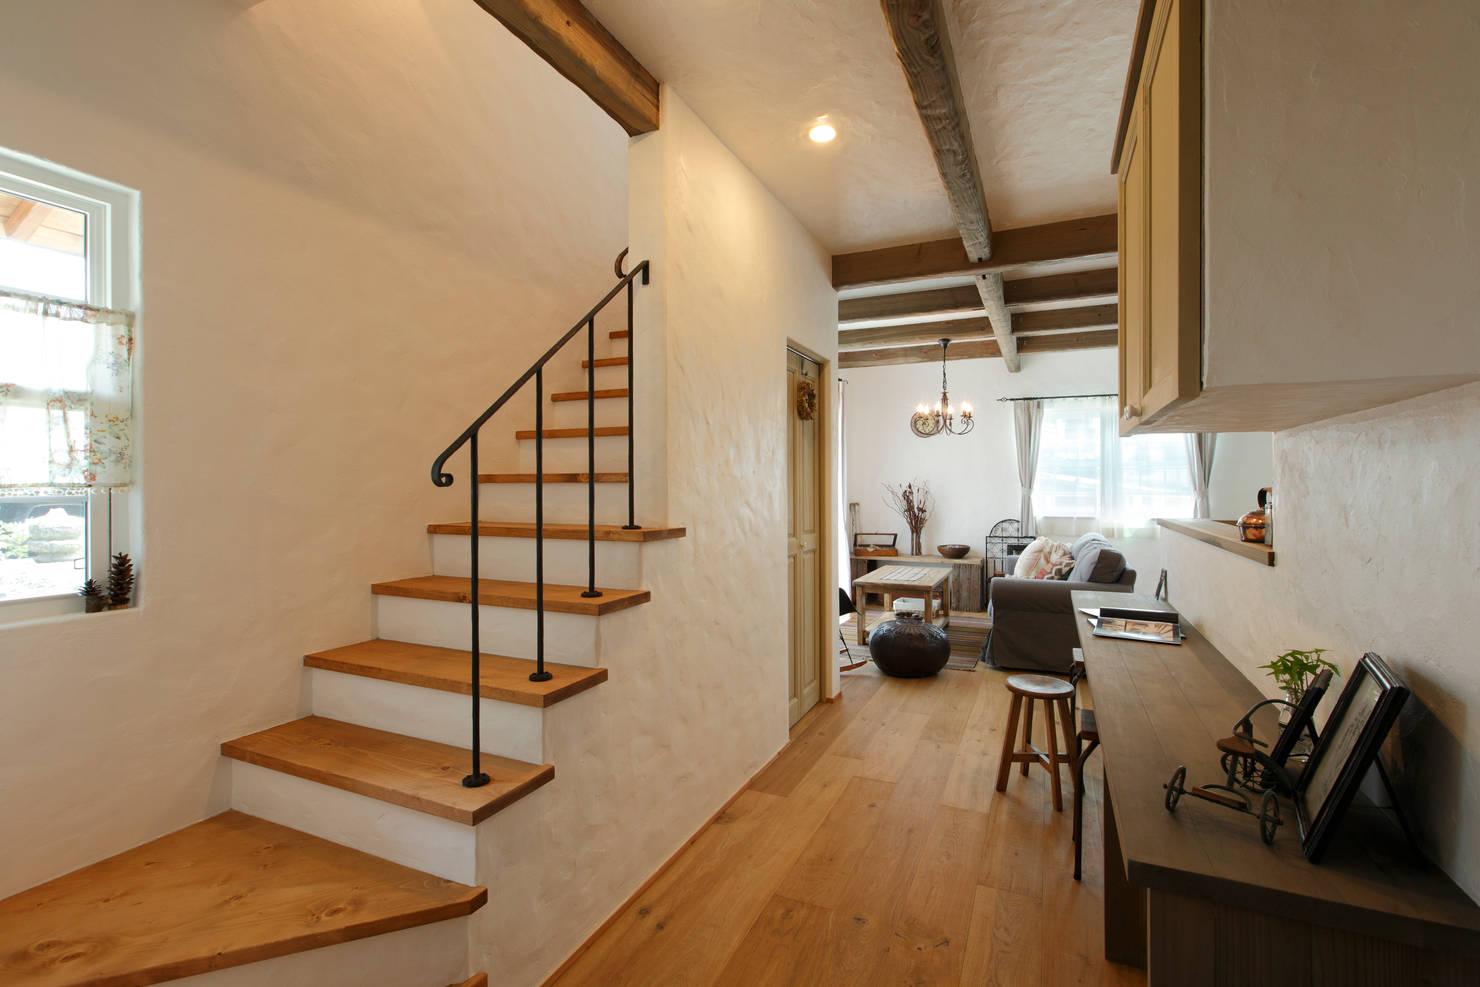 Banheiro Sob A Escada: 7 Coisas Que Você Deve Saber Antes De Insta